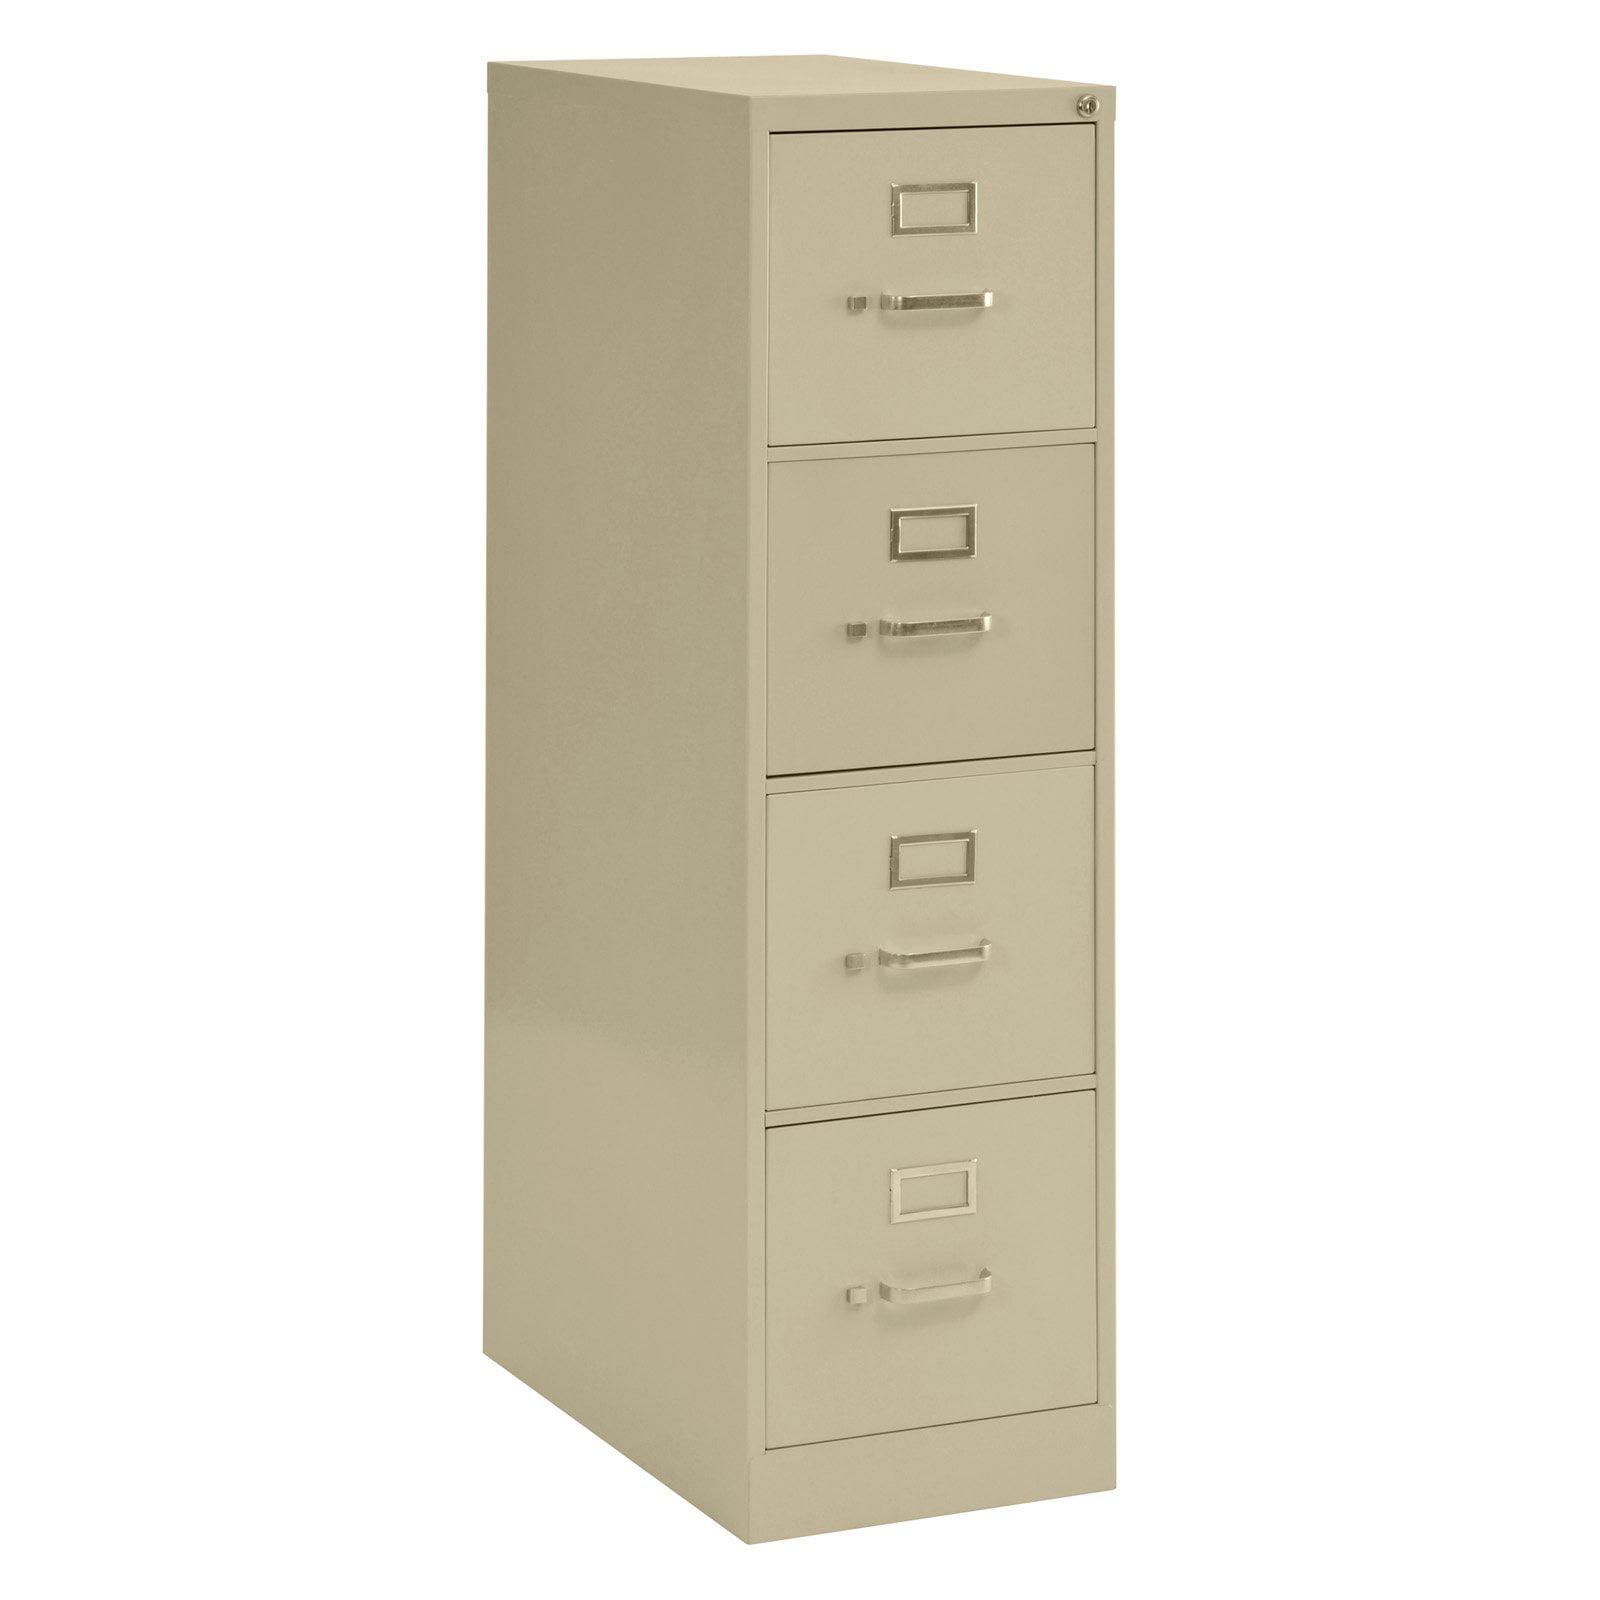 Sandusky Lee 4-Drawer Vertical File Cabinet - Walmart.com